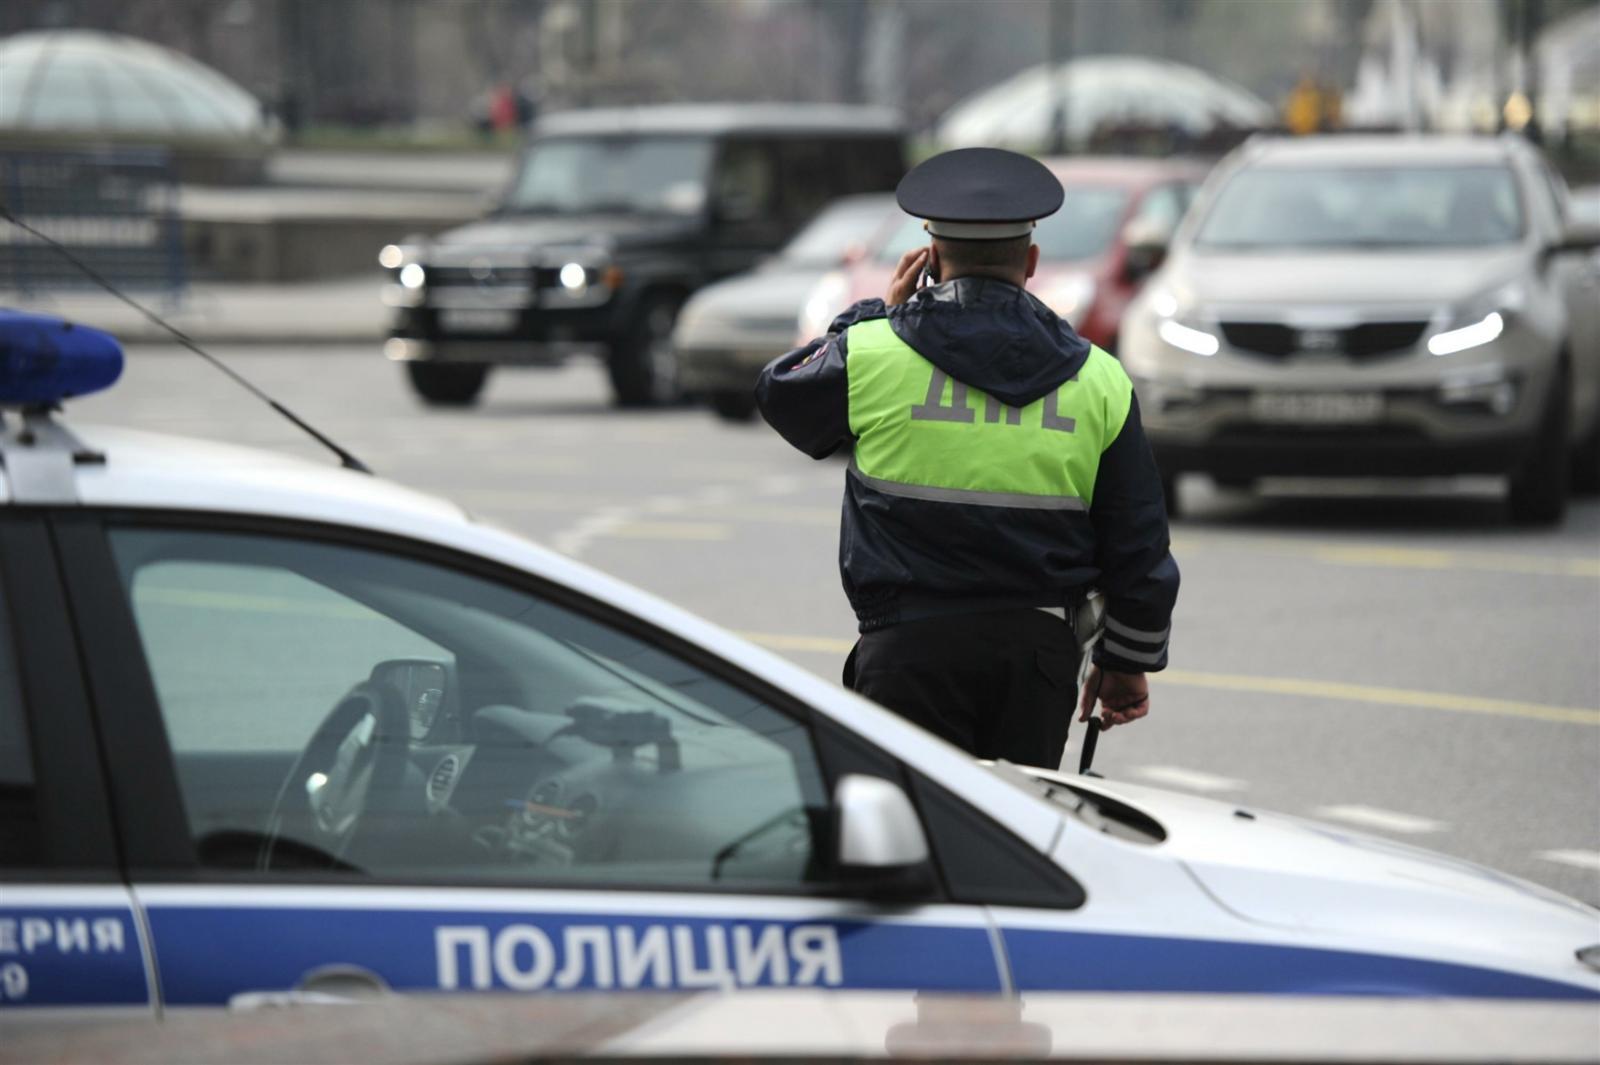 25 ноября в Брянске устроят облавы на пьяных водителей